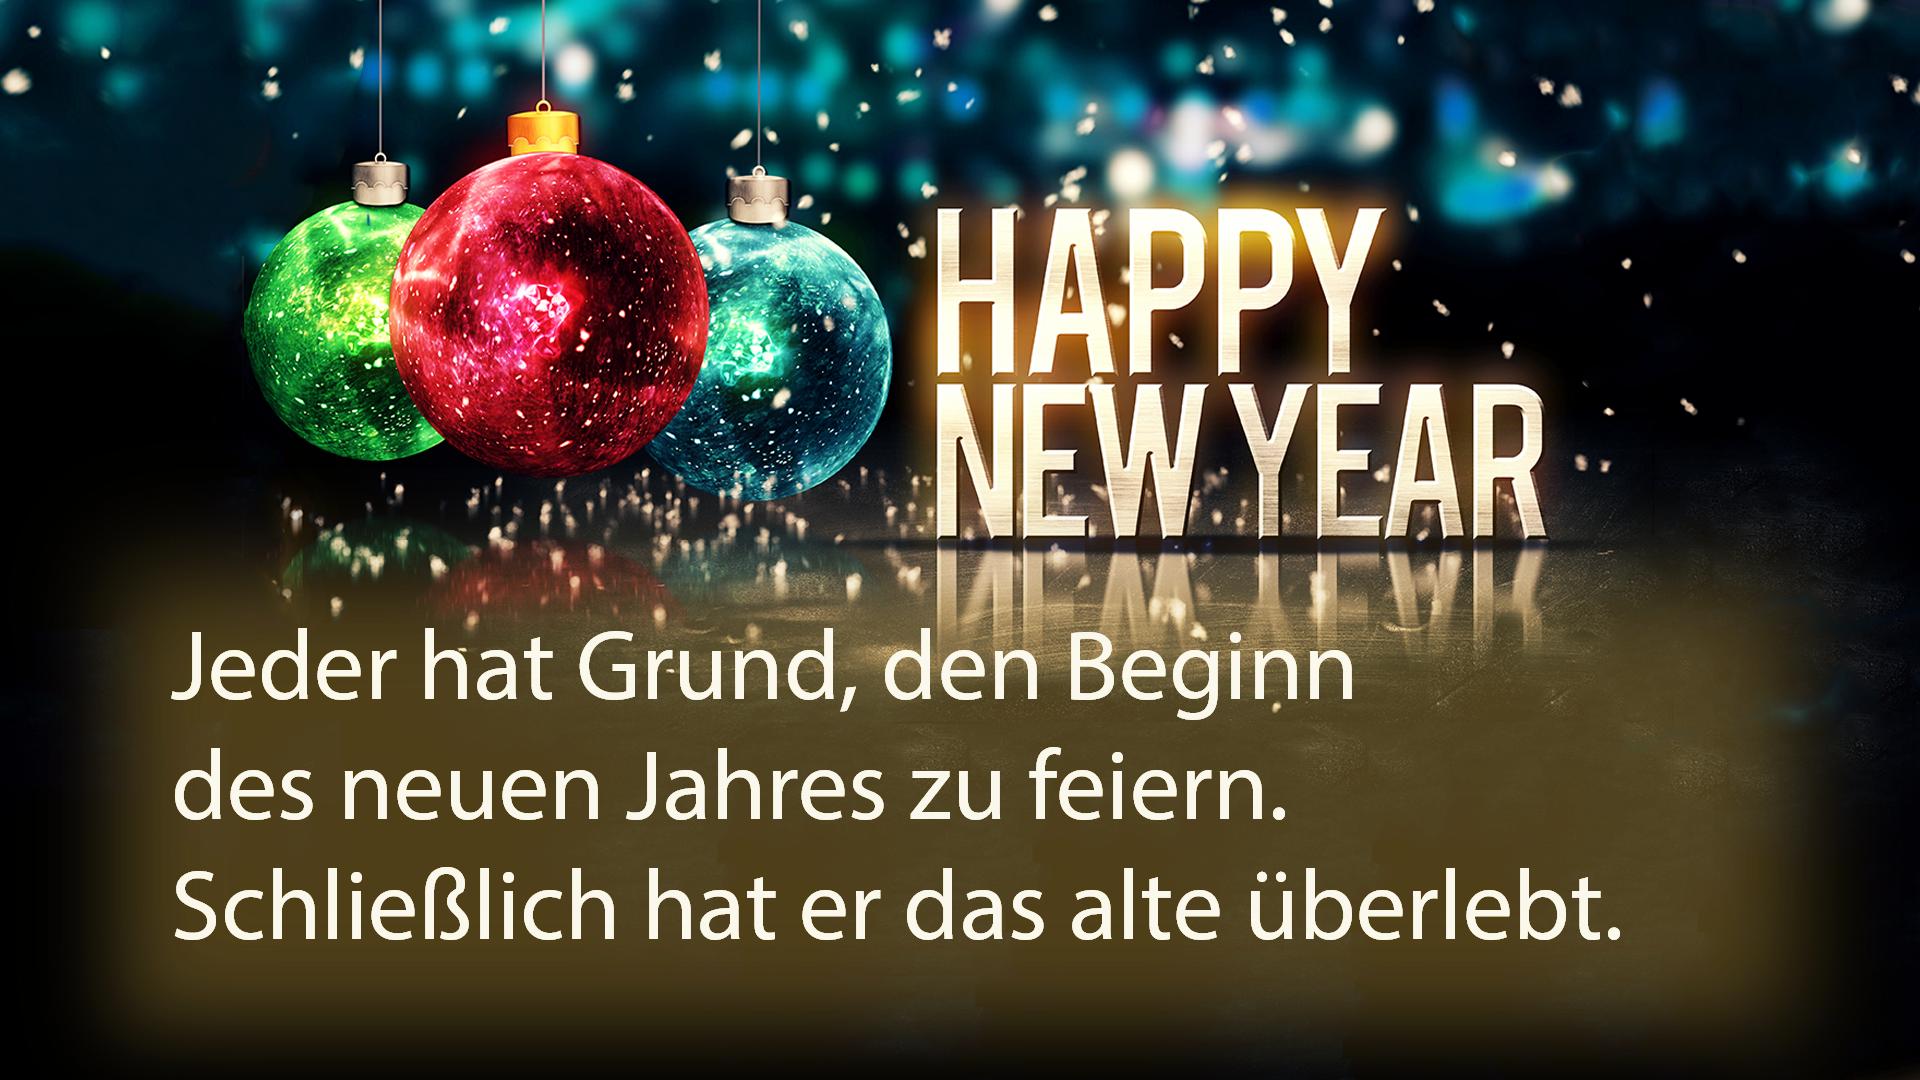 Silvester Spruche 2020 21 Die 35 Besten Neujahrswunsche Fur Whatsapp Facebook Sms